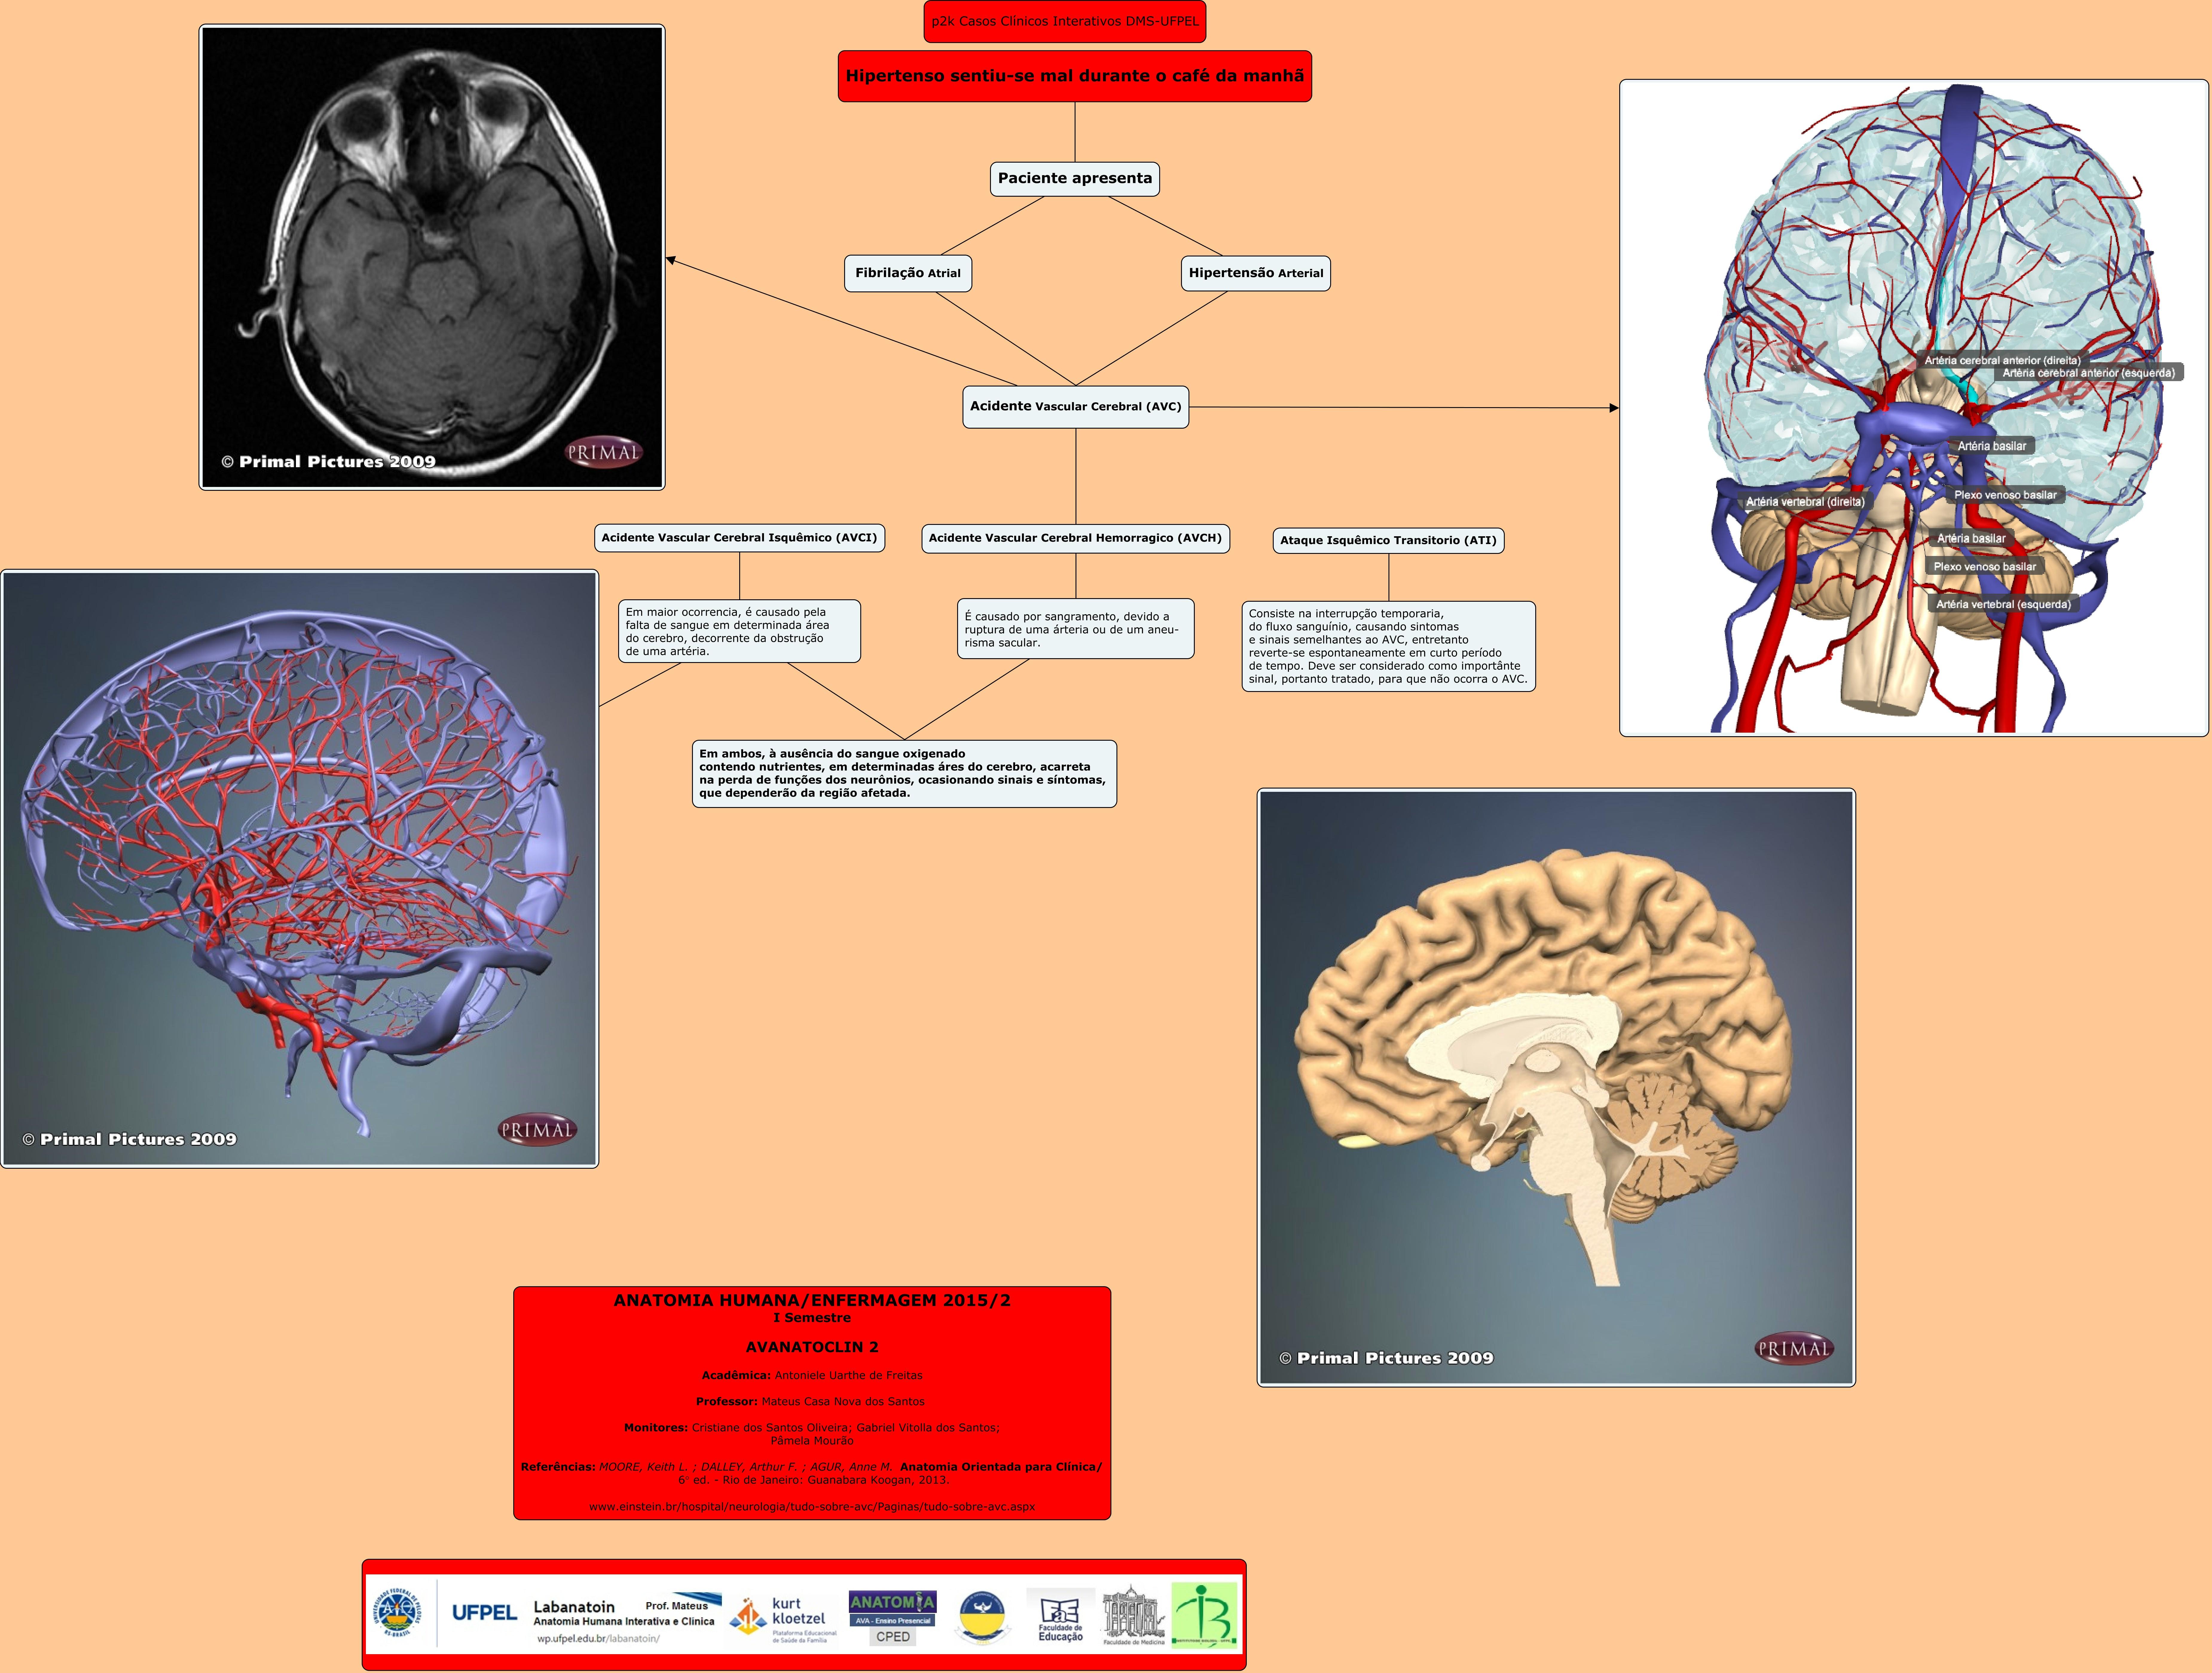 Dorable Anatomía Suministro De Sangre Cerebral Ilustración ...